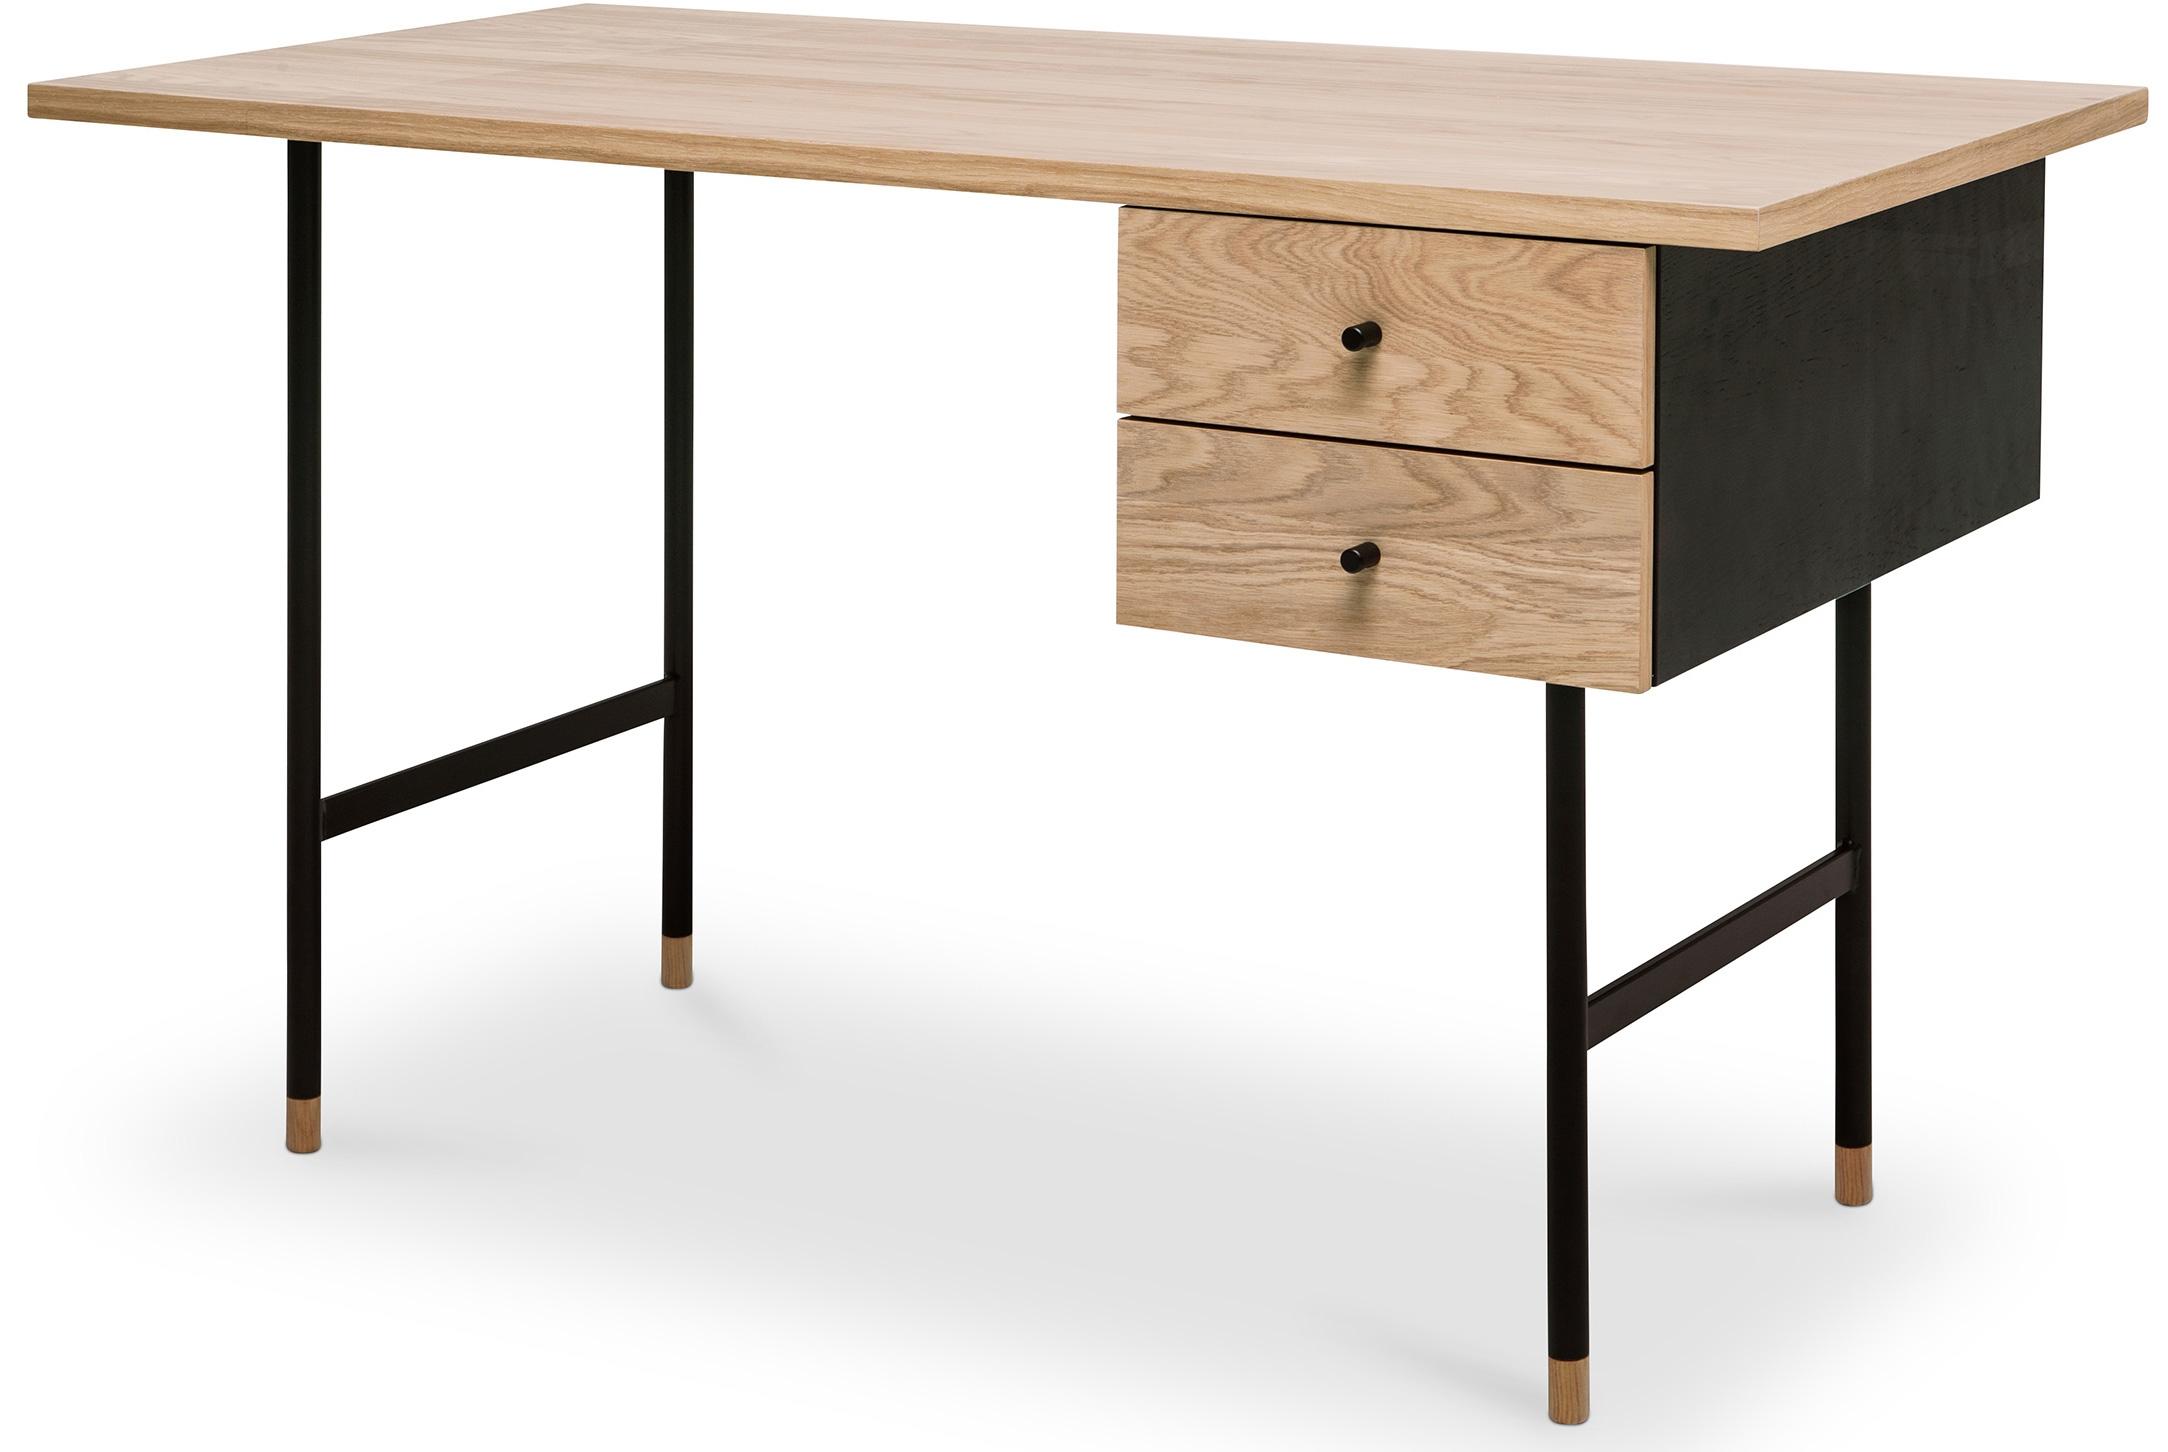 Bureau 2 tiroirs bois naturel et m tal noir scando - Bureau bois et noir ...